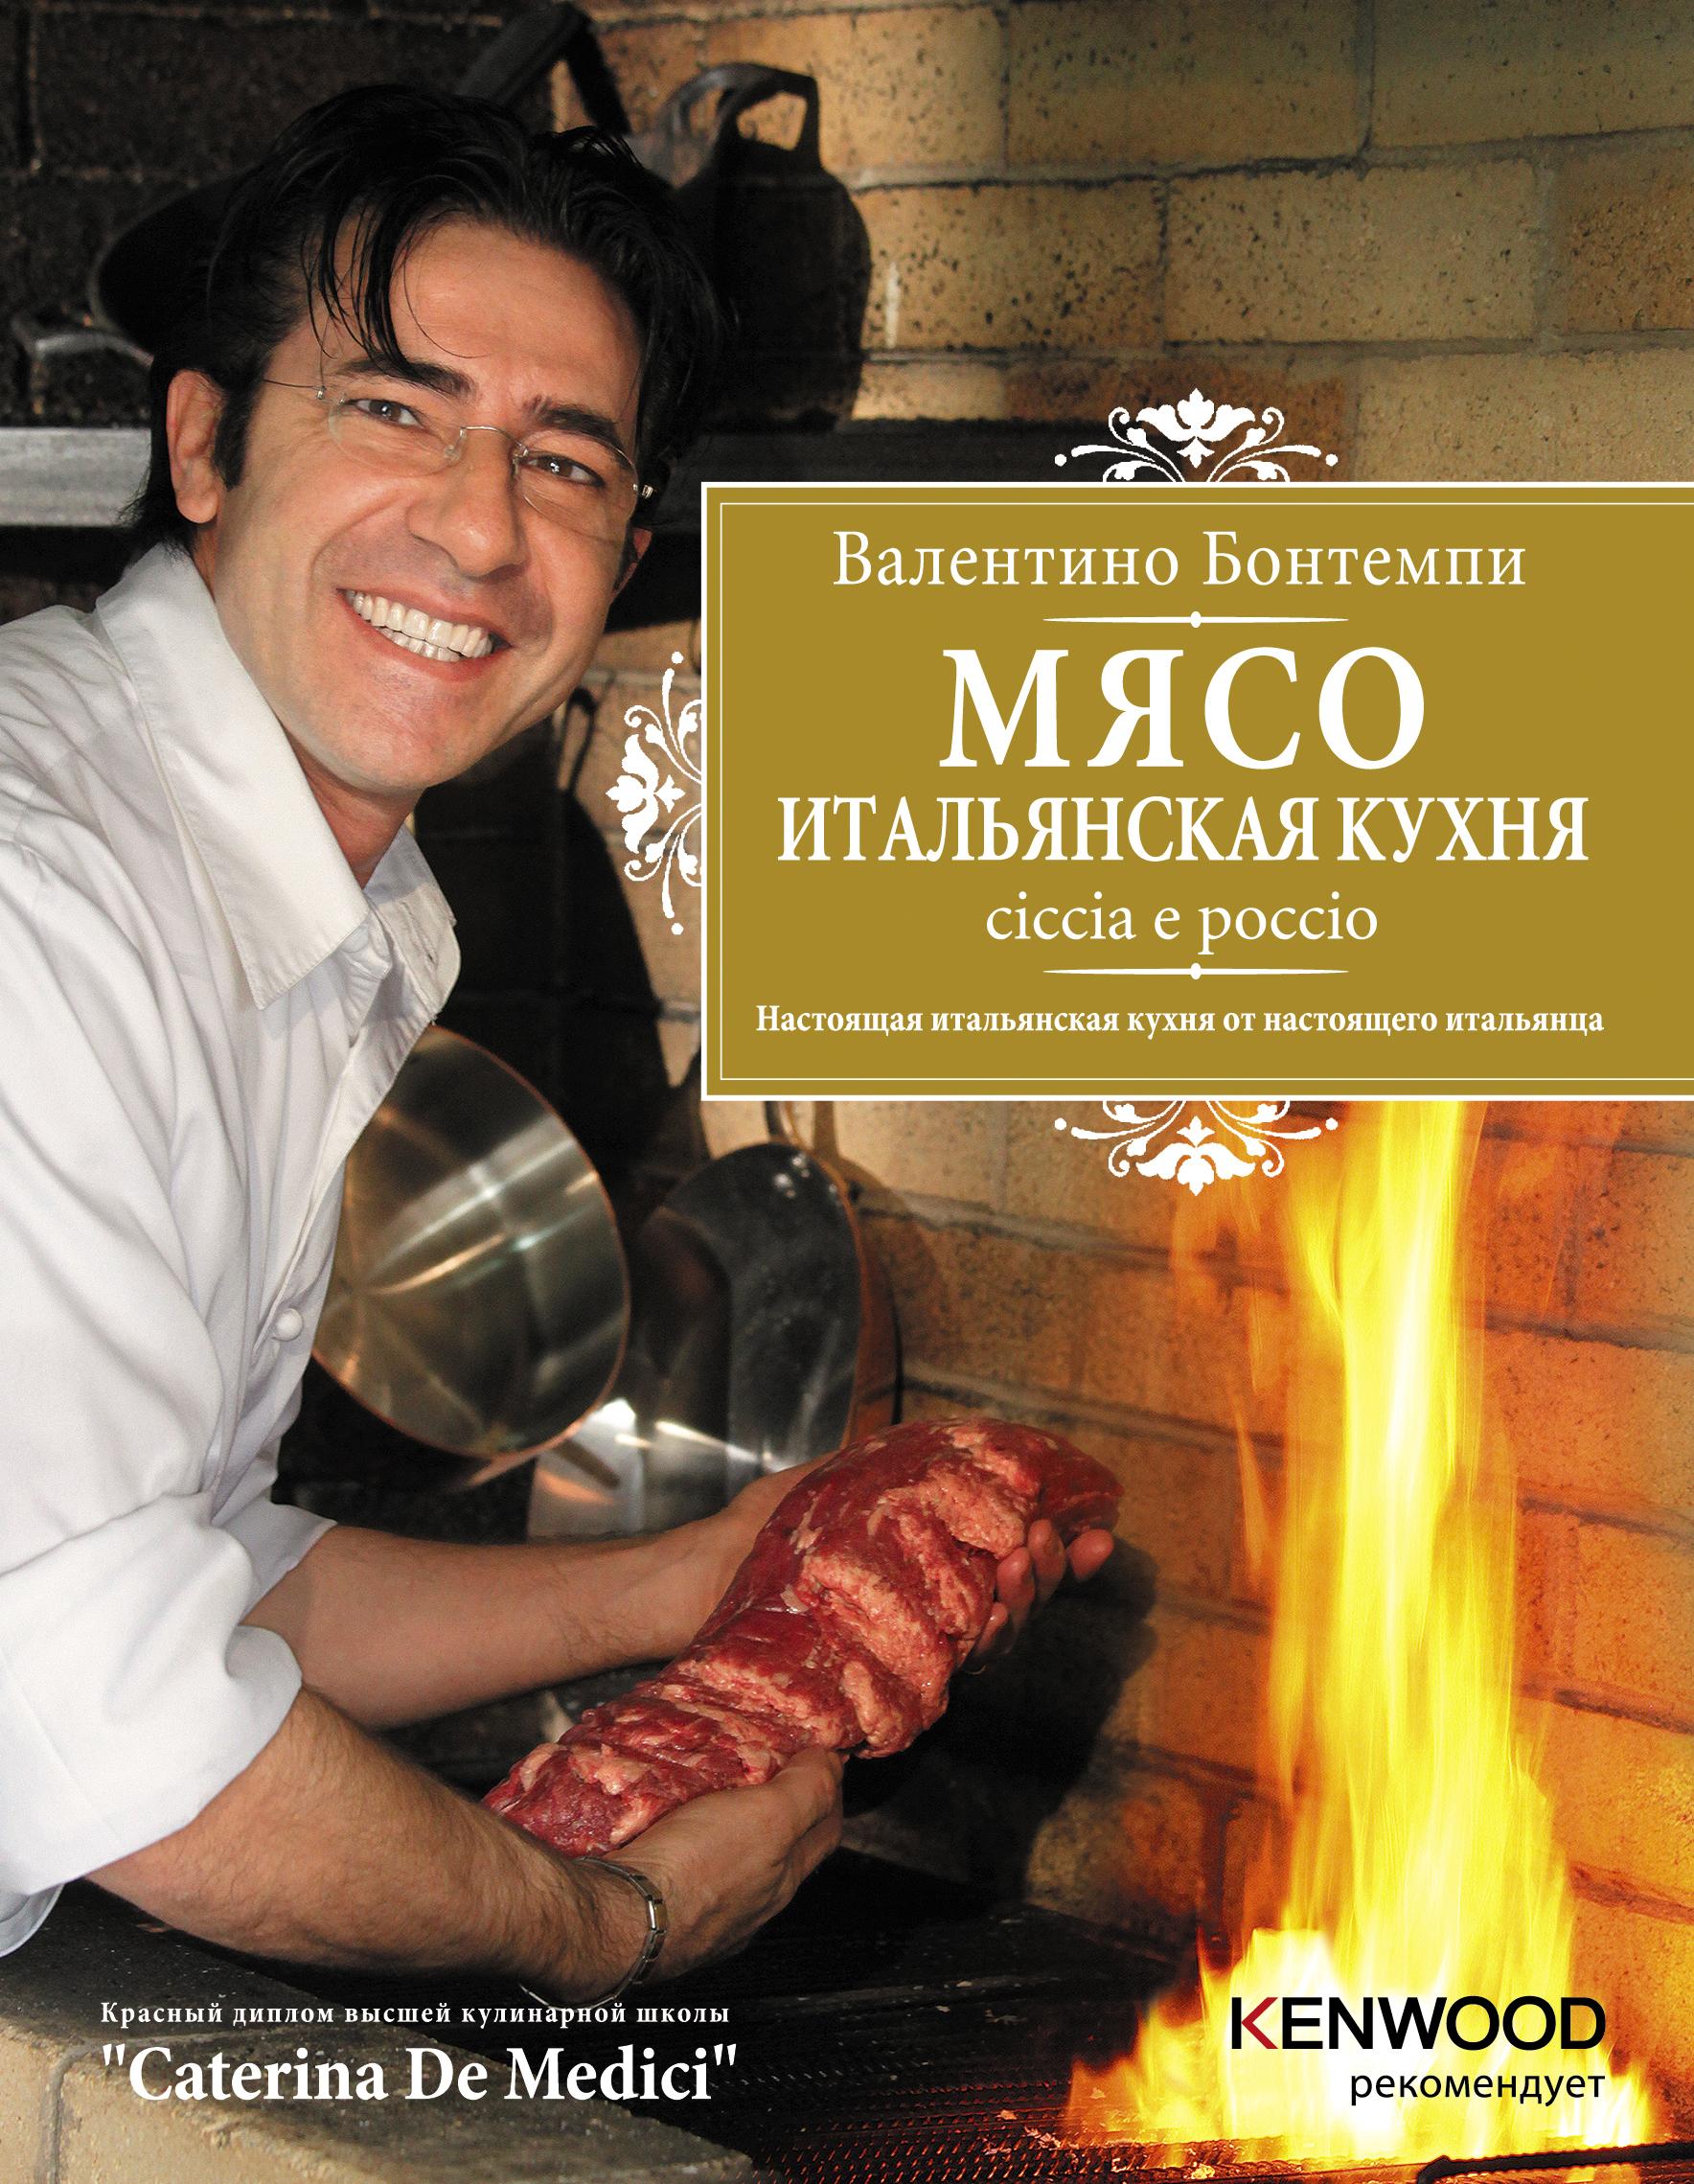 Бонтемпи В. Мясо: Итальянская кухня: Chiccia e poccio (серия Подарочные издания. Кулинария. Избранное) бонтемпи валентино мясо итальянская кухня chiccia e poccio